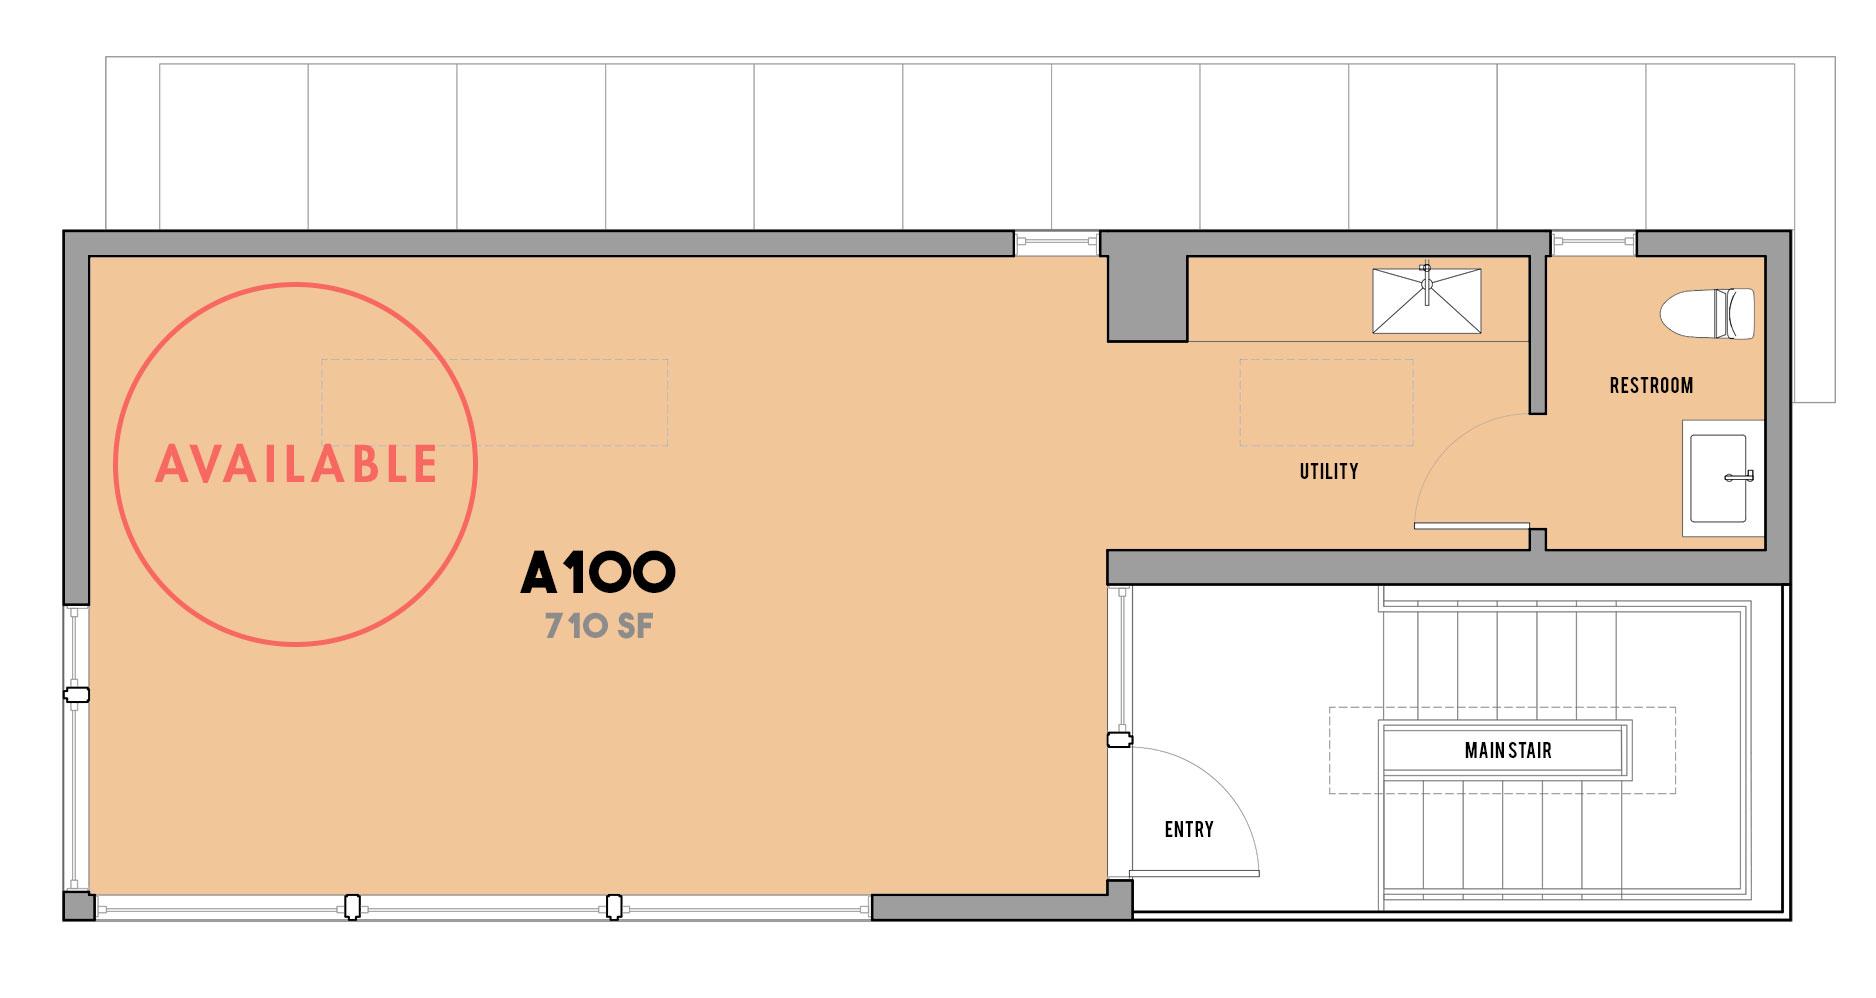 A100_Floor-Plan_available.jpg